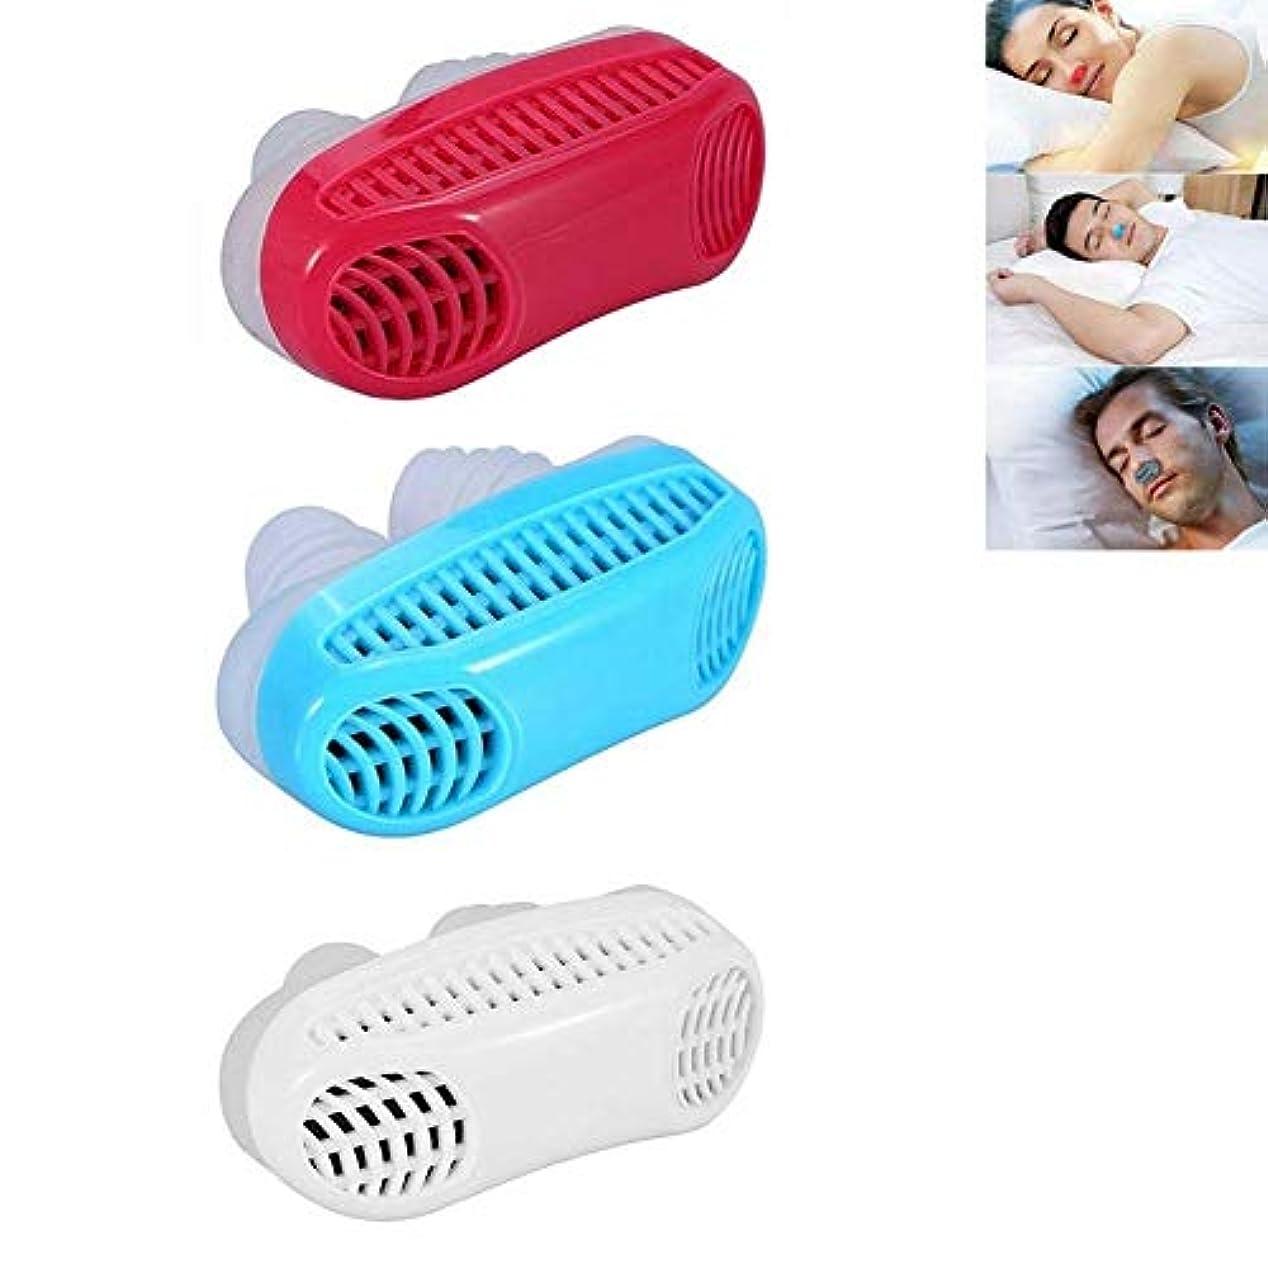 主にテスト破壊的な3ピース安全ないびきエイズポータブルシリコーン抗いびき空気清浄機鼻いびきストップクリップ2-in-1健康睡眠ツール